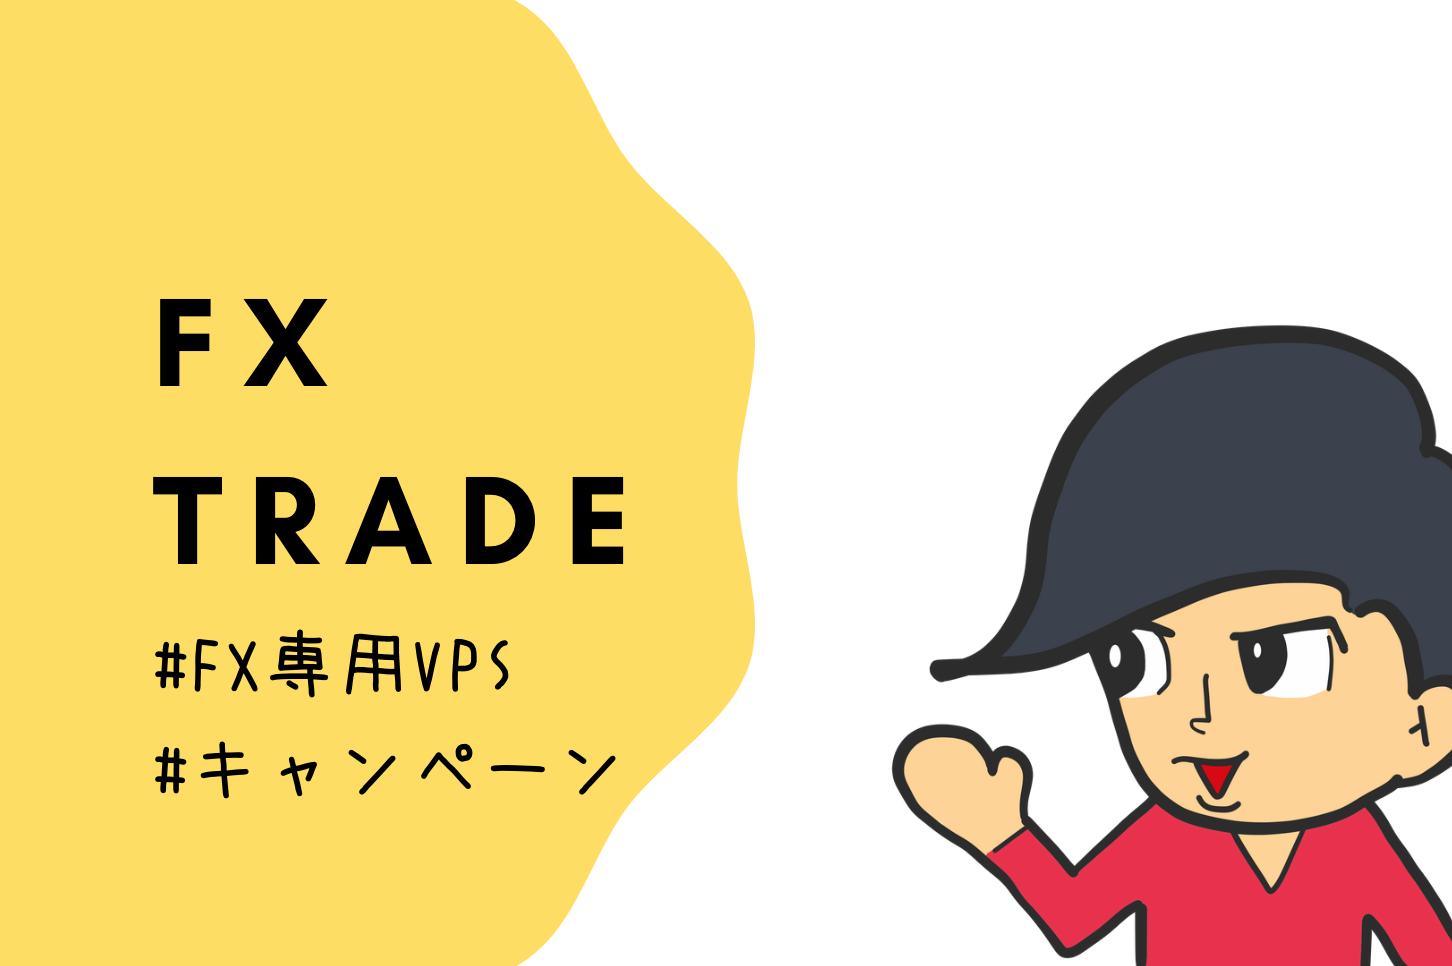 【驚愕】お名前.comのFX専用VPSが最大75%OFF!期間限定2月末まで